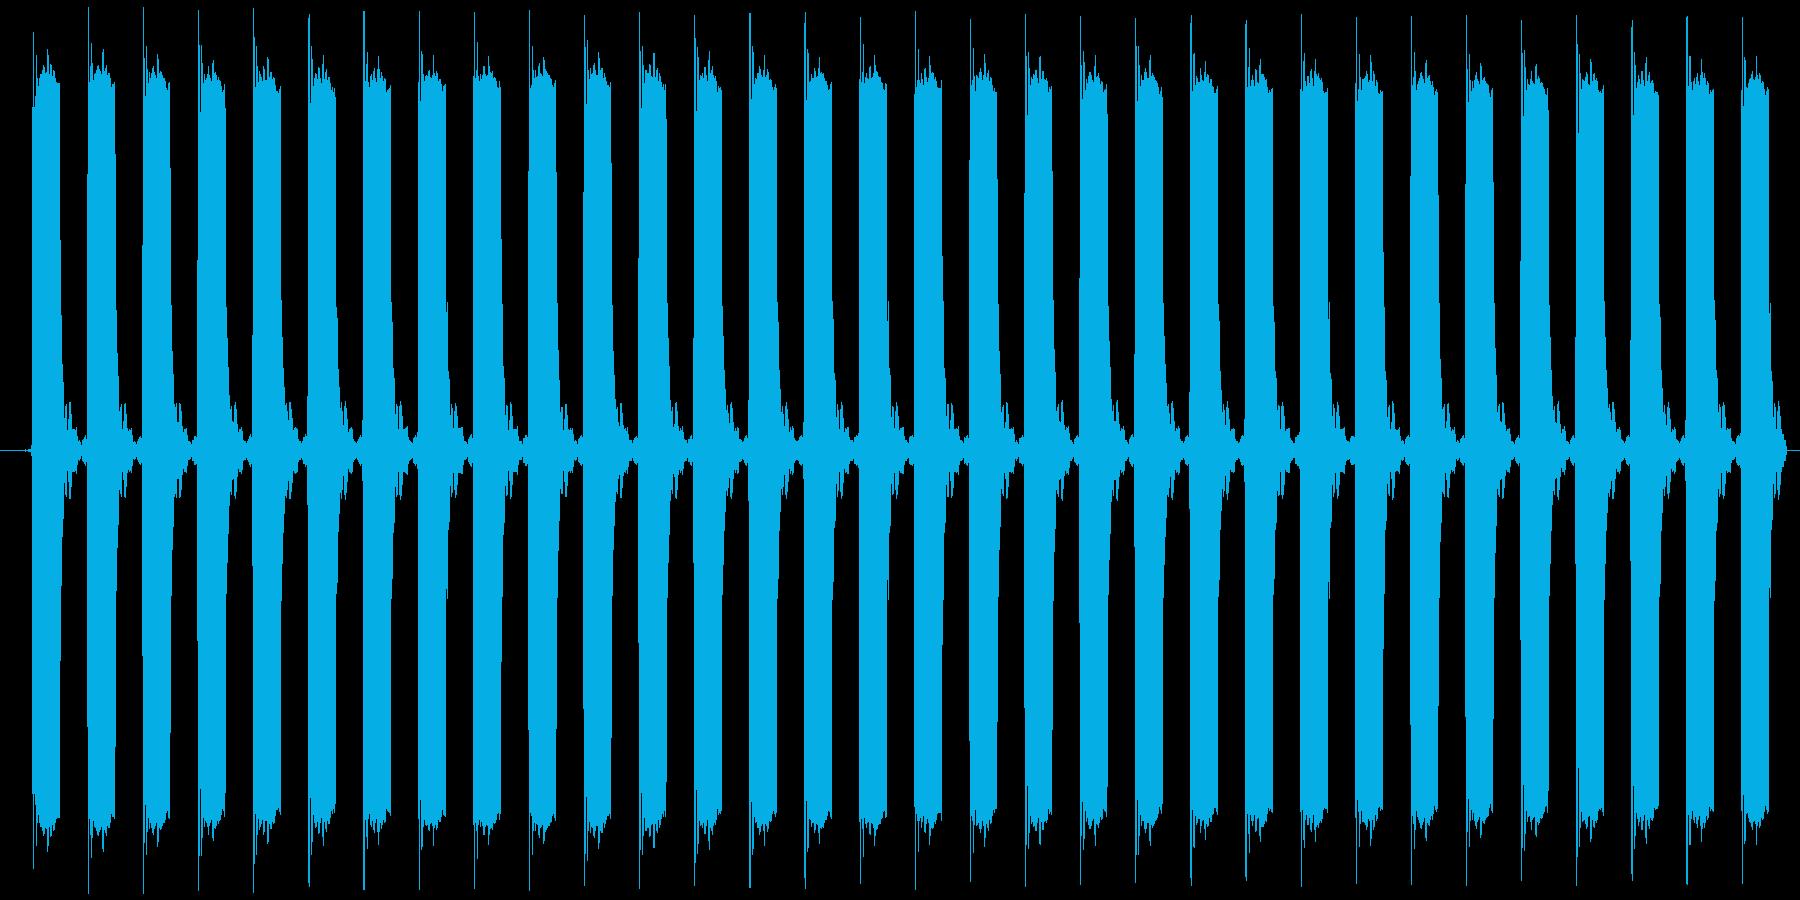 ピピピピ...(目覚まし時計、アラーム)の再生済みの波形